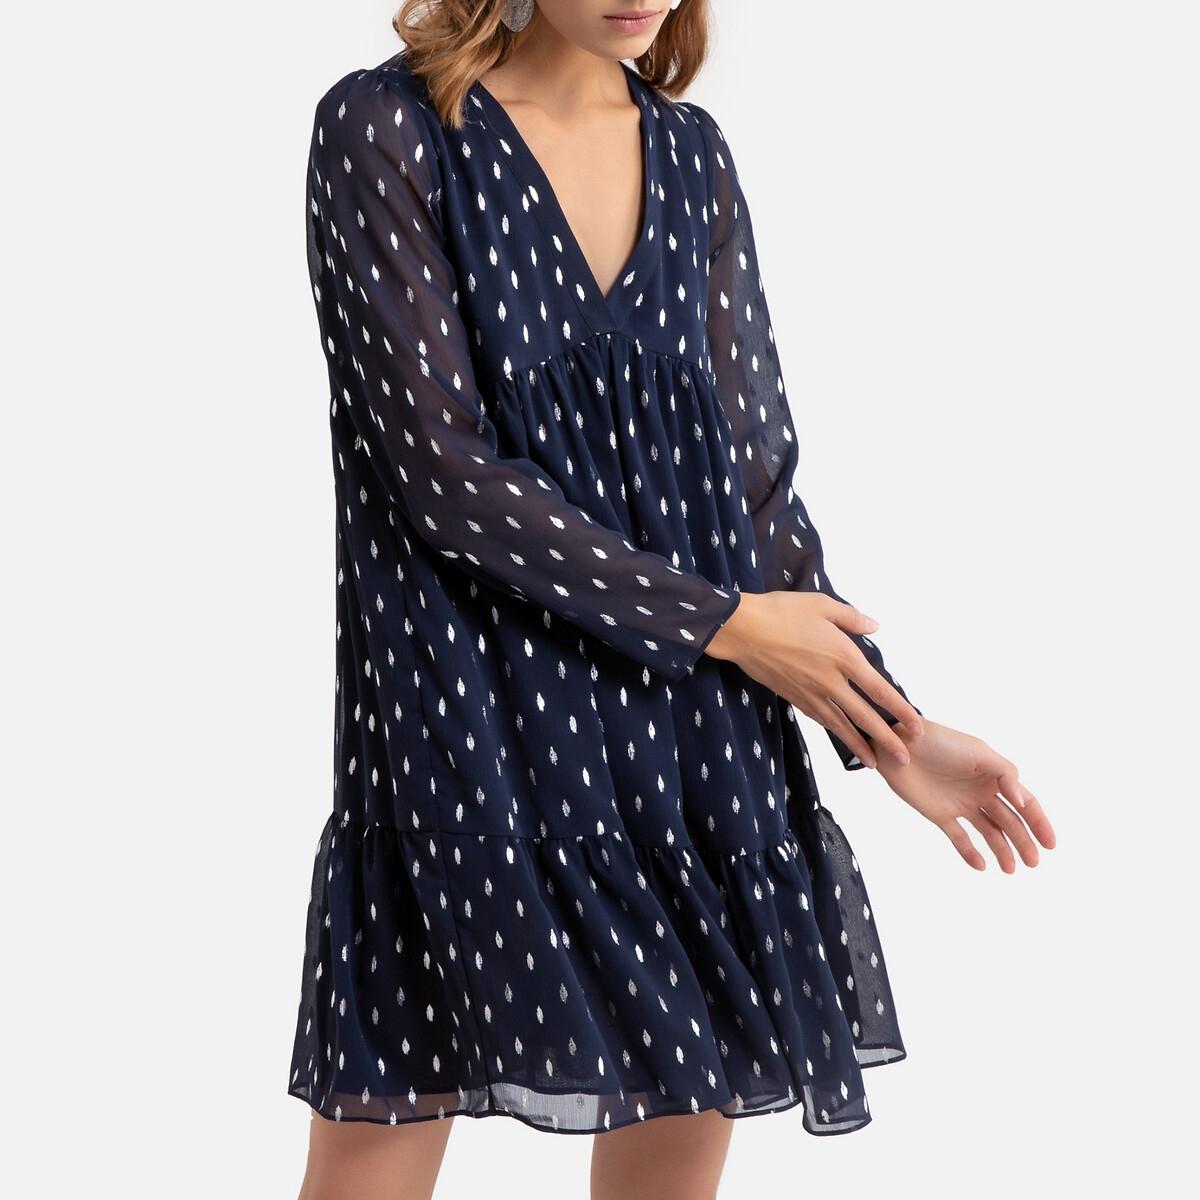 Платье LaRedoute Короткое расклешенное с длинными рукавами 40 (FR) - 46 (RUS) синий платье la redoute расклешенное короткое с длинными рукавами 46 fr 52 rus синий